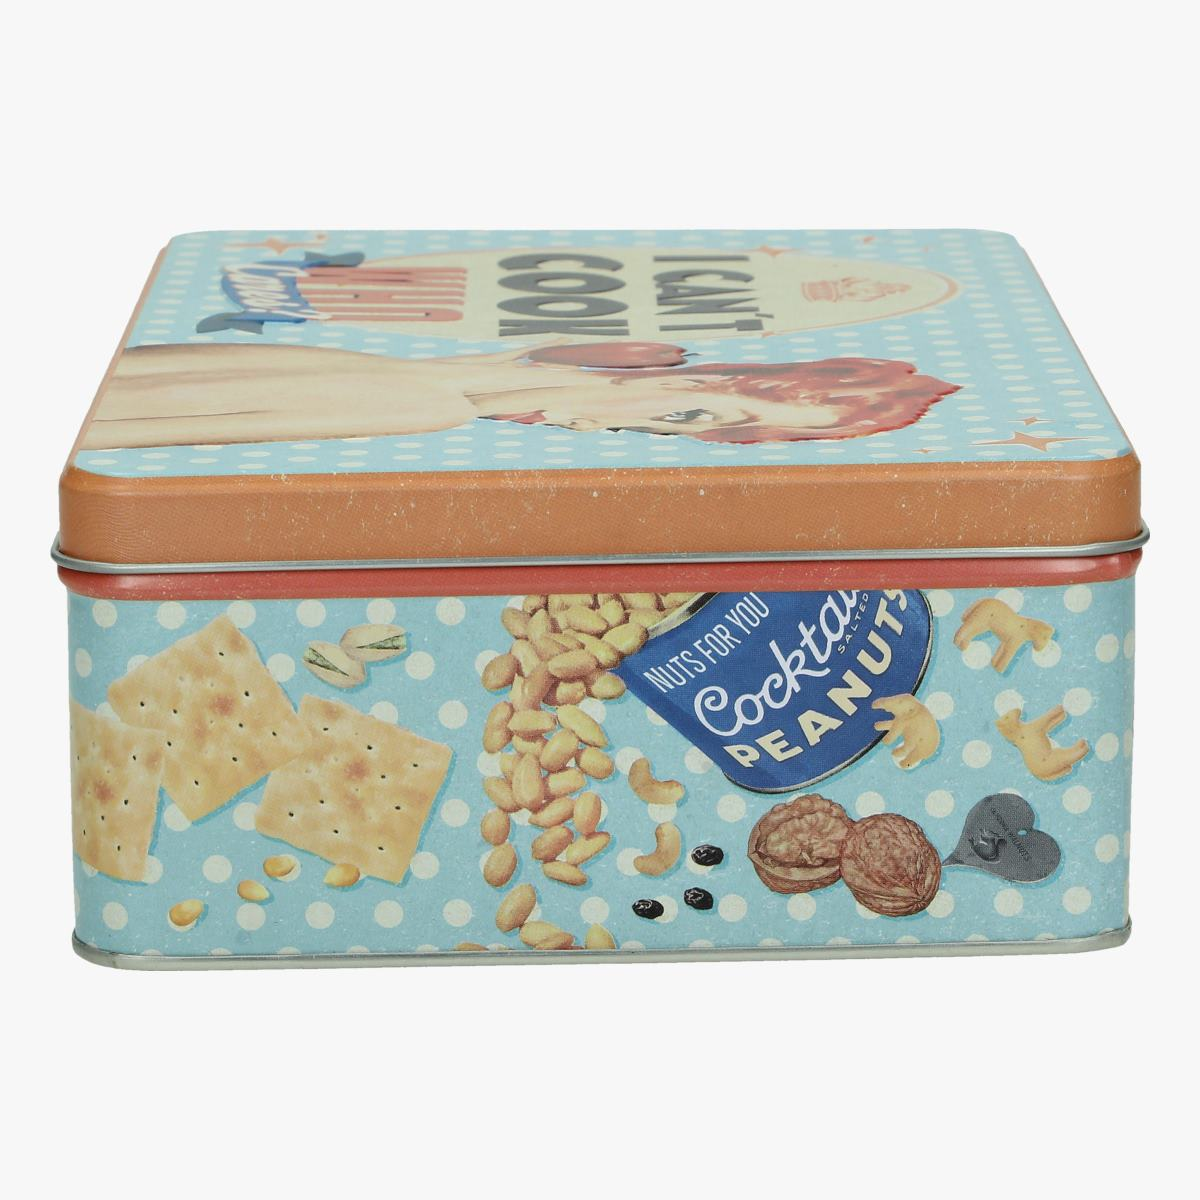 Afbeeldingen van blikken doos I can't cook who cares? repro